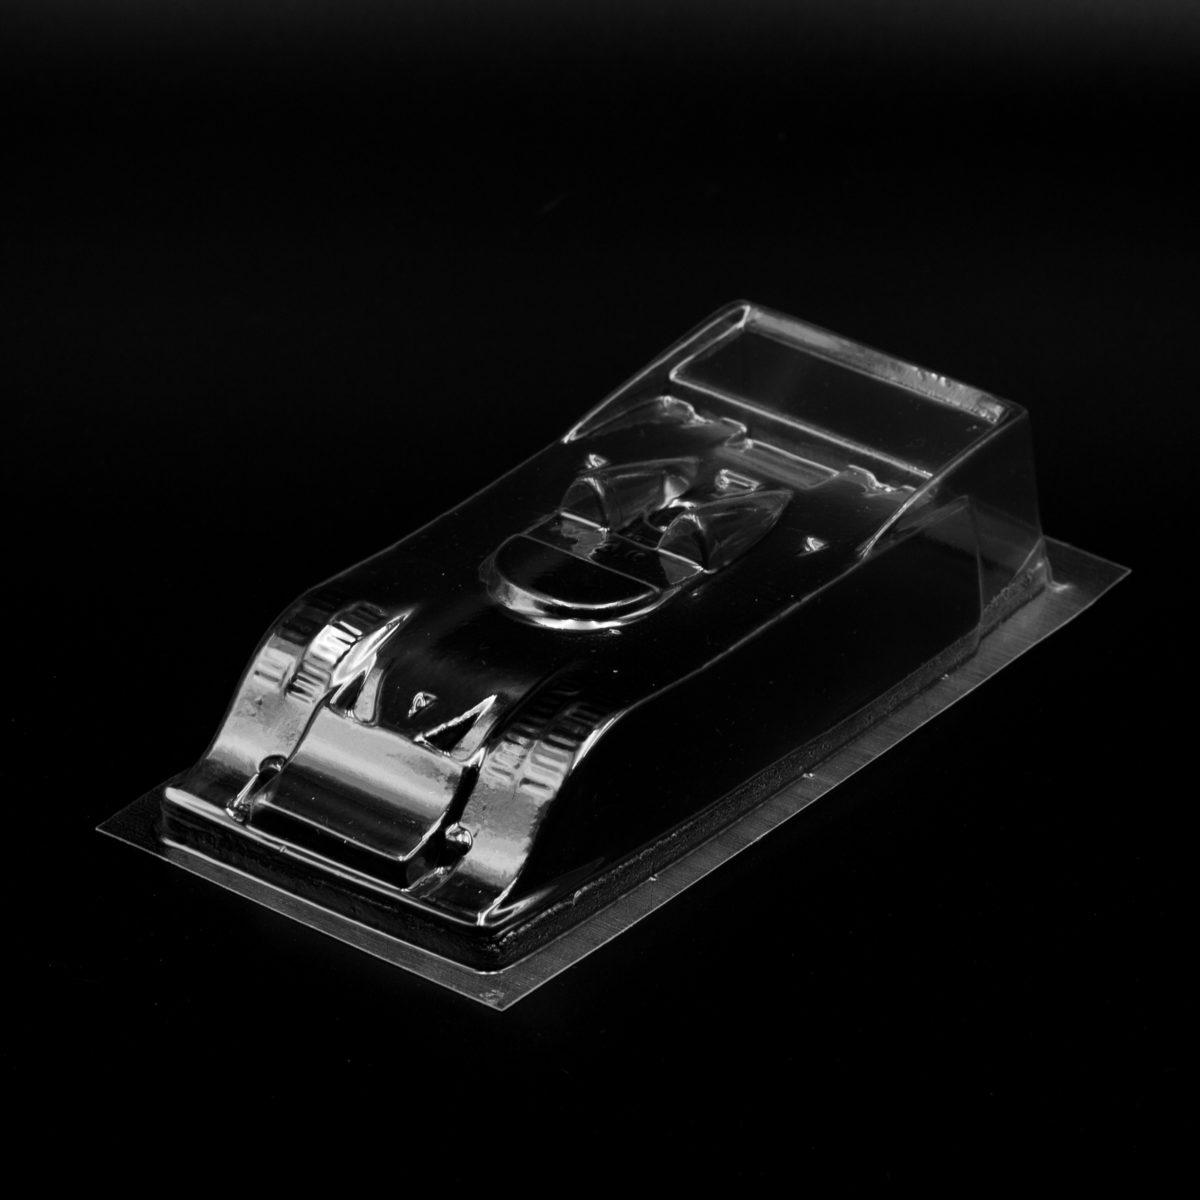 Carrozzeria per Slot Car Porsche 917-10 CAN AM 1/32 Trasparente Replica Minidream